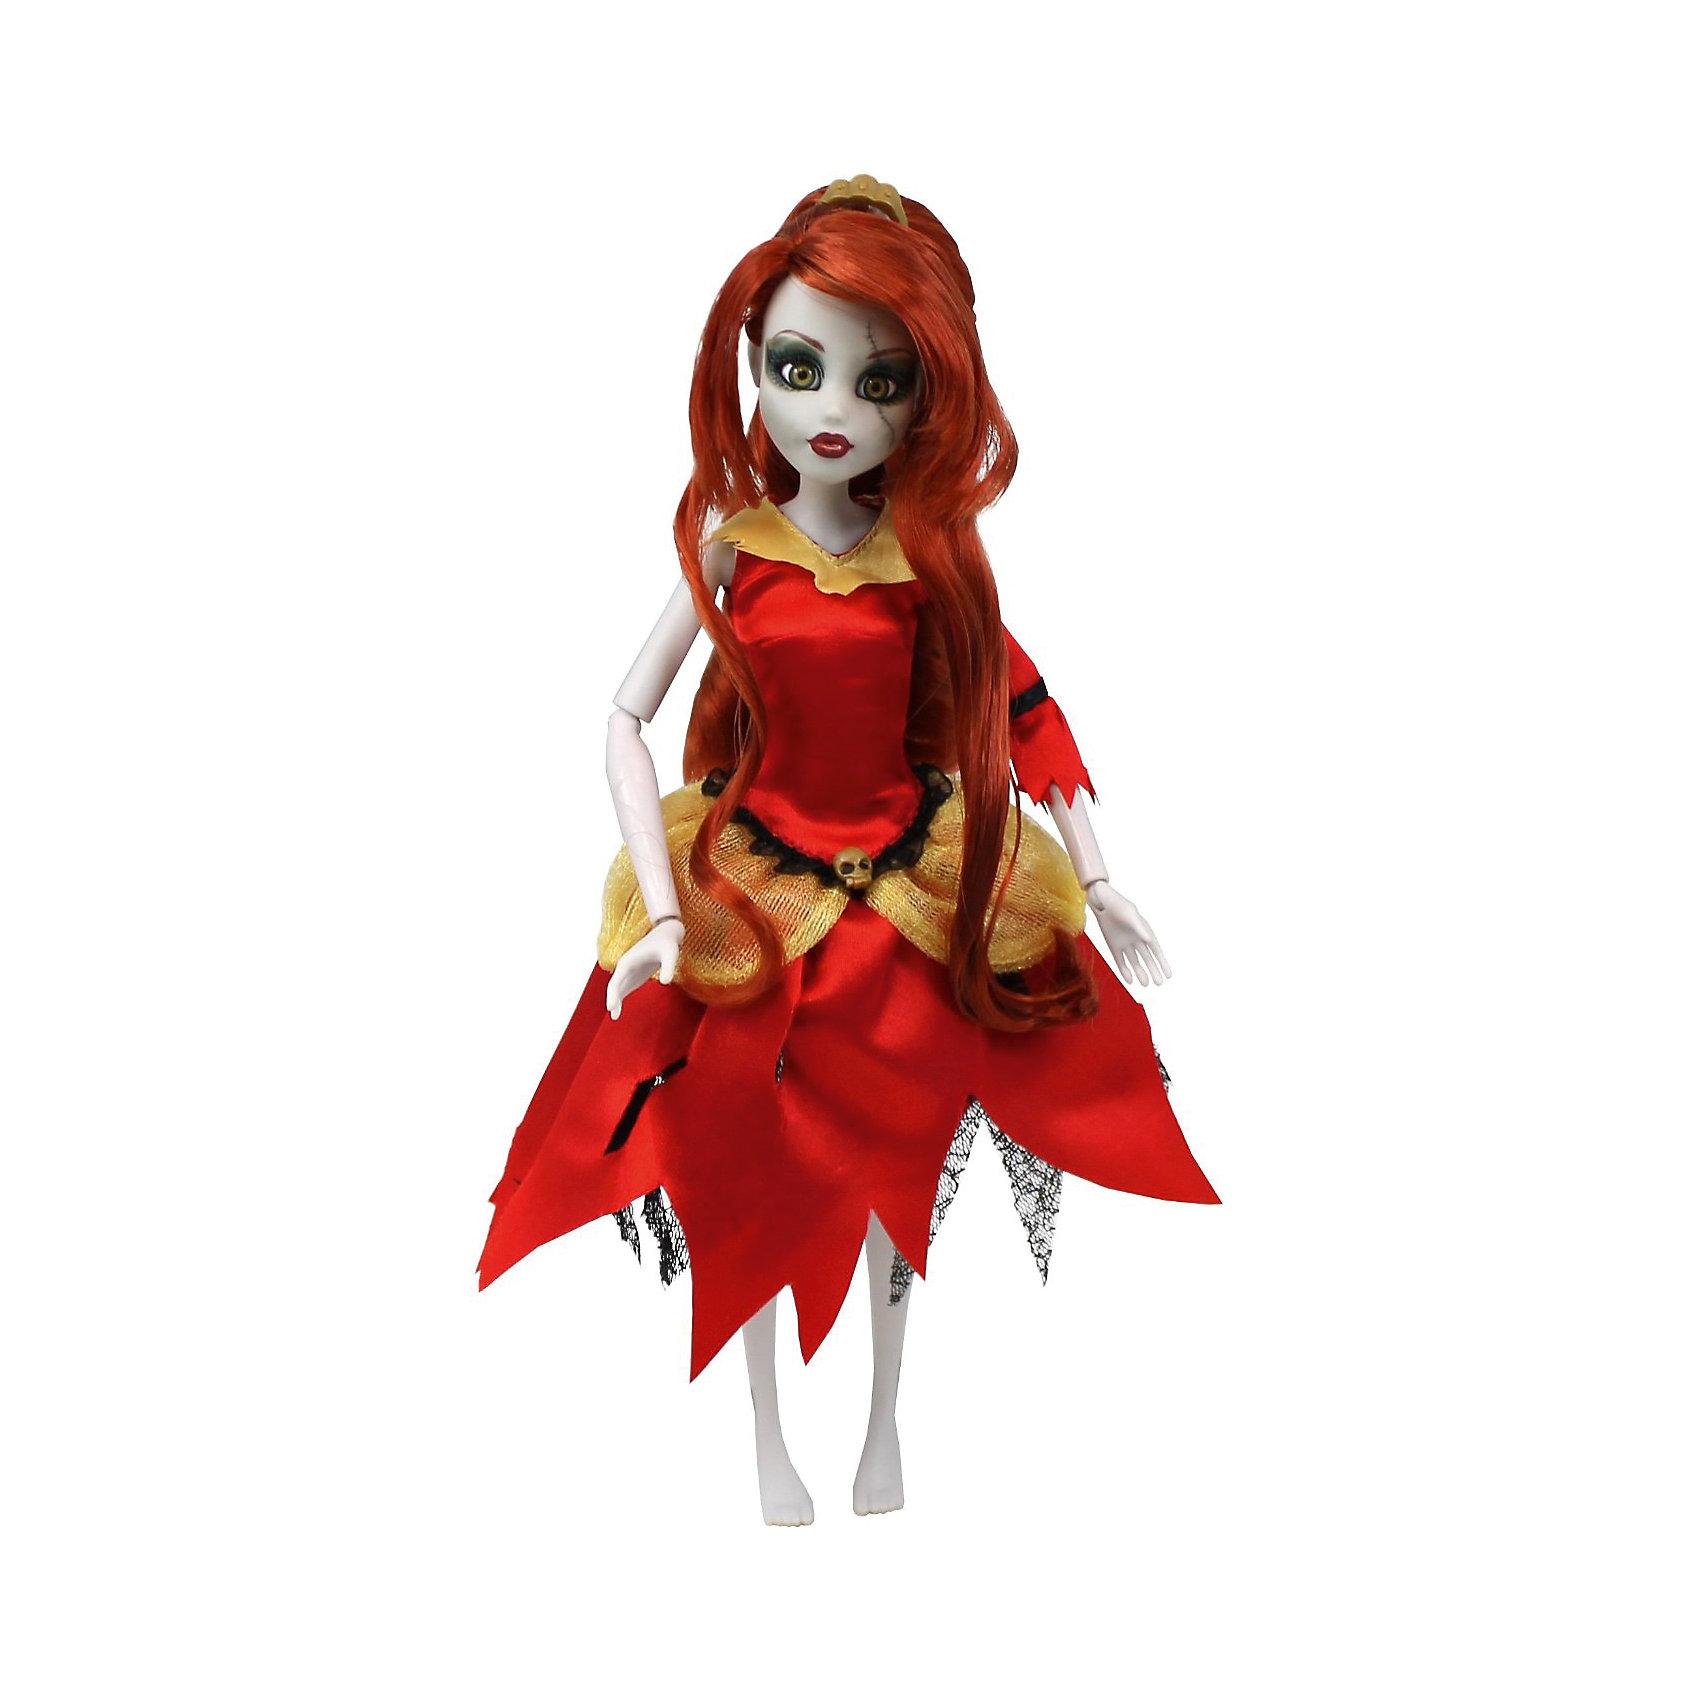 Кукла Зомби: Белль, WowWeeКукла Зомби: Белль от WowWee - это сказочный персонаж , превращенный в загадочную и холодную принцессу-зомби. Несмотря на превращение, принцесса не утратила своей красоты, даже наоборот, приобрела определенный потусторонний шарм и очарование. Длинные огненно-рыжие волосы куклы очень приятны наощупь, из них получится много оригинальных причесок. Белль одета в невероятное красно-золотое платье с пышной юбкой и подъюбником из сетки. Голову куклы венчает золотая диадема. Собери всю коллекцию принцесс-зомби и устрой незабываемый бал!<br><br>Дополнительная информация:<br><br>- Материал: пластик, текстиль.<br>- Высота куклы: 28 см.<br>- Комплектация: кукла, расческа, подставка.<br>- Руки, ноги, голова куклы подвижные.<br><br>Куклу Зомби: Белль, WowWee, можно купить в нашем магазине.<br><br>Ширина мм: 150<br>Глубина мм: 70<br>Высота мм: 350<br>Вес г: 150<br>Возраст от месяцев: 72<br>Возраст до месяцев: 168<br>Пол: Женский<br>Возраст: Детский<br>SKU: 4134075